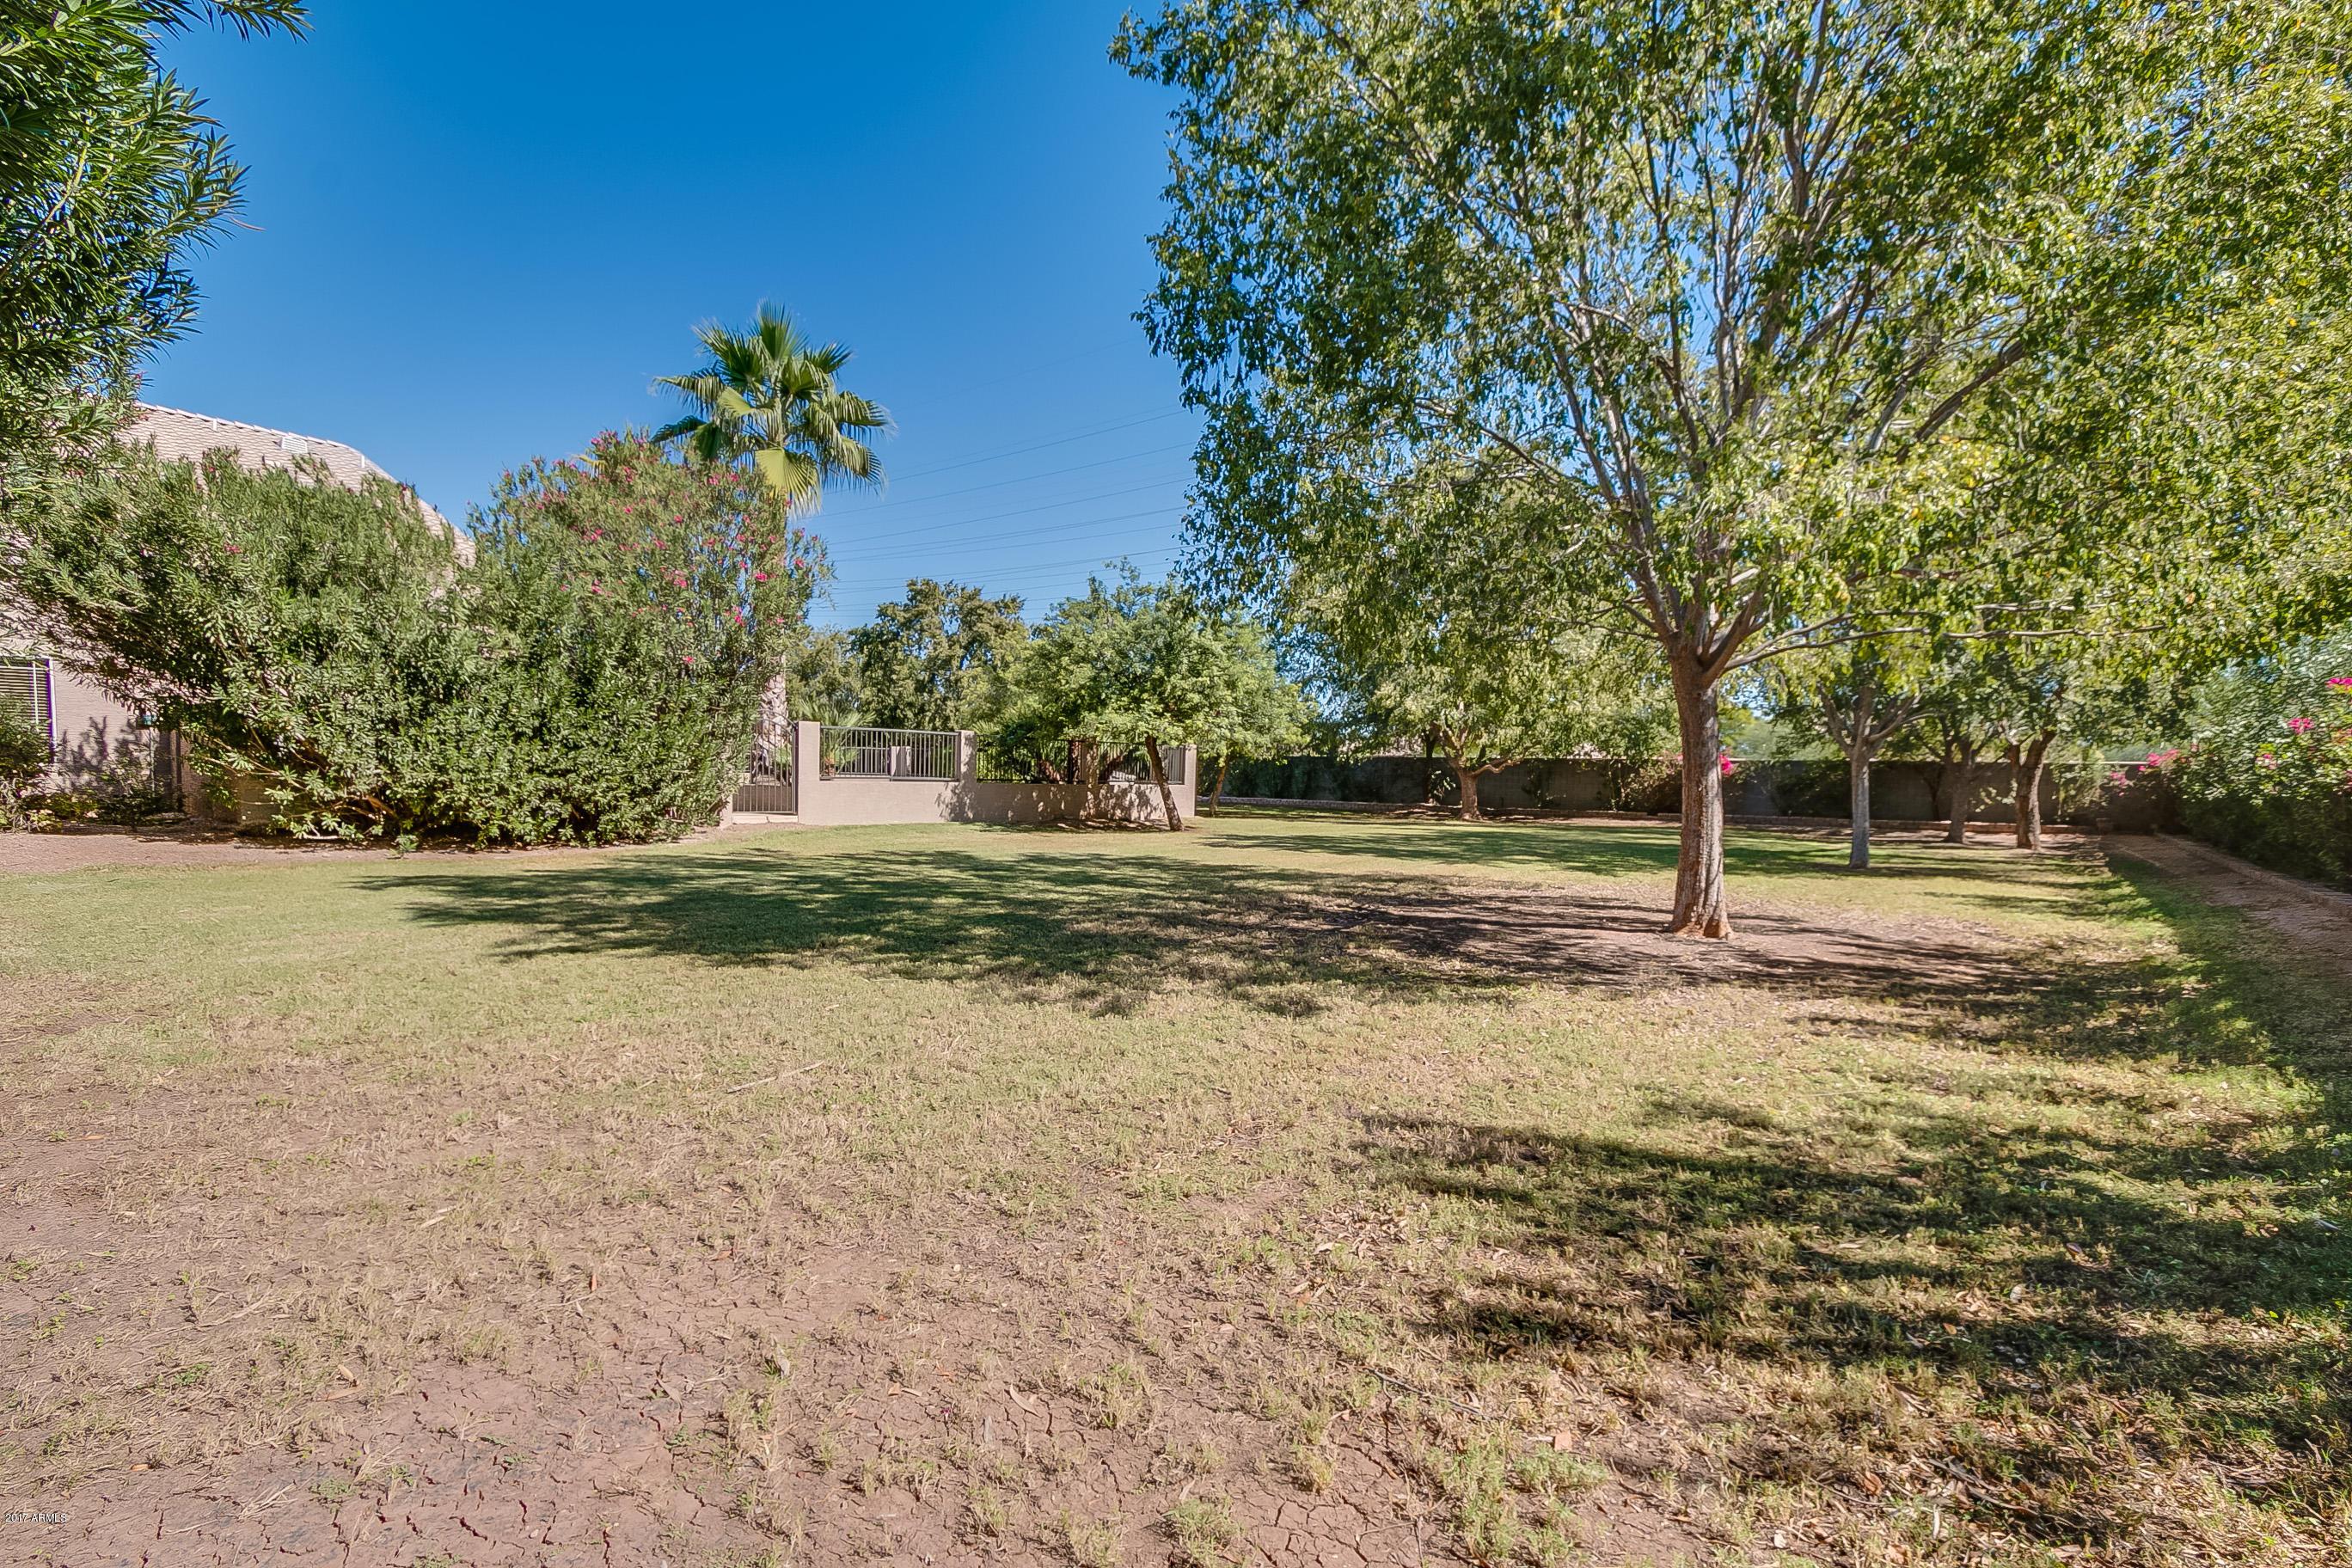 207 S Equestrian  Court Gilbert, AZ 85296 - img11